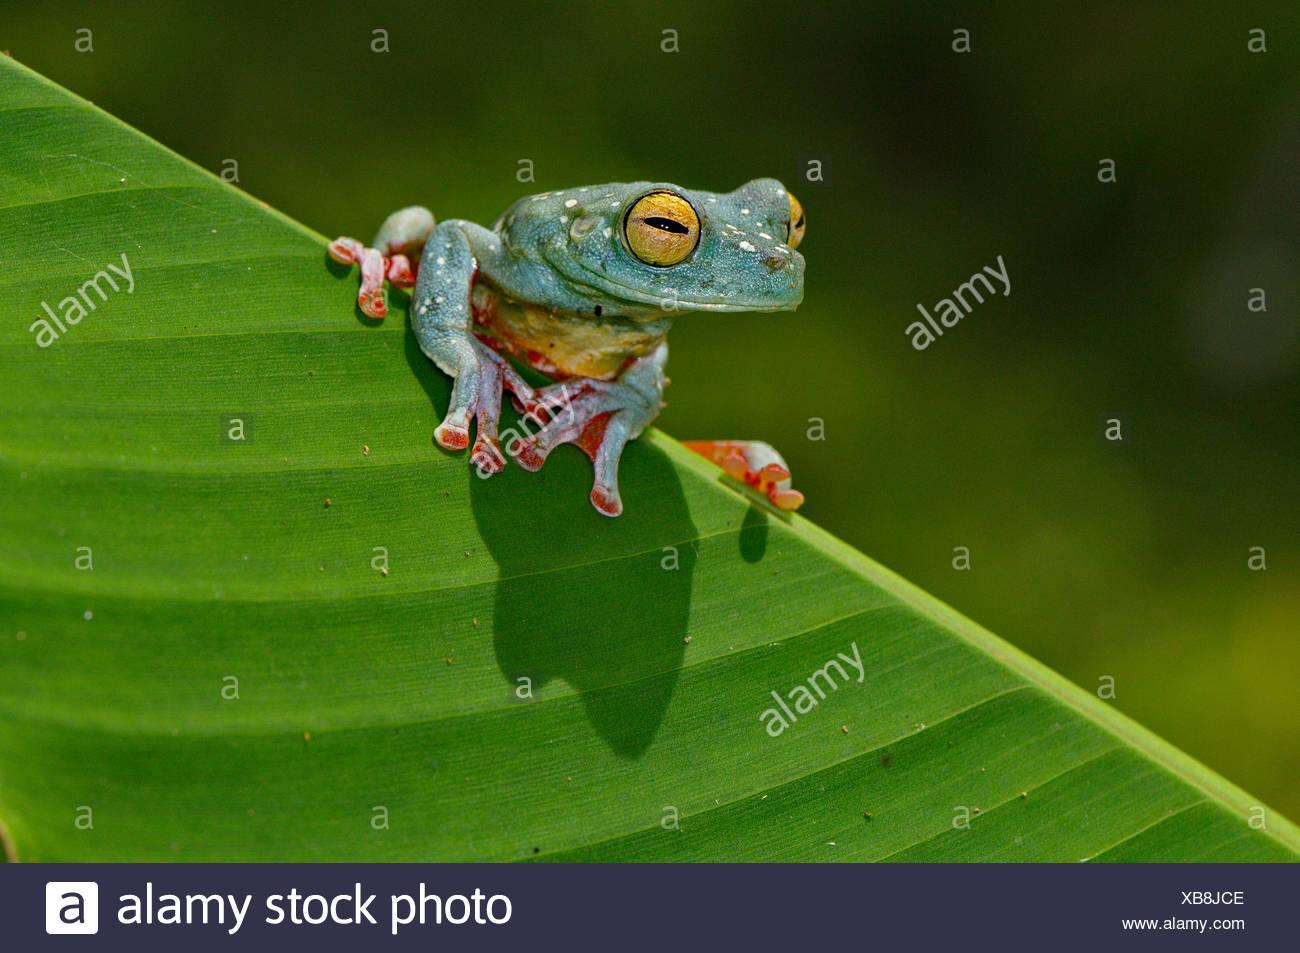 Frosch, Frösche, Laubfrosch, Scarlet-Schwimmhäuten Treefrog, Hypsiboas Rufitelus, Amphibium, Amphibien, tropischen, costarica, Tier, anima Stockbild